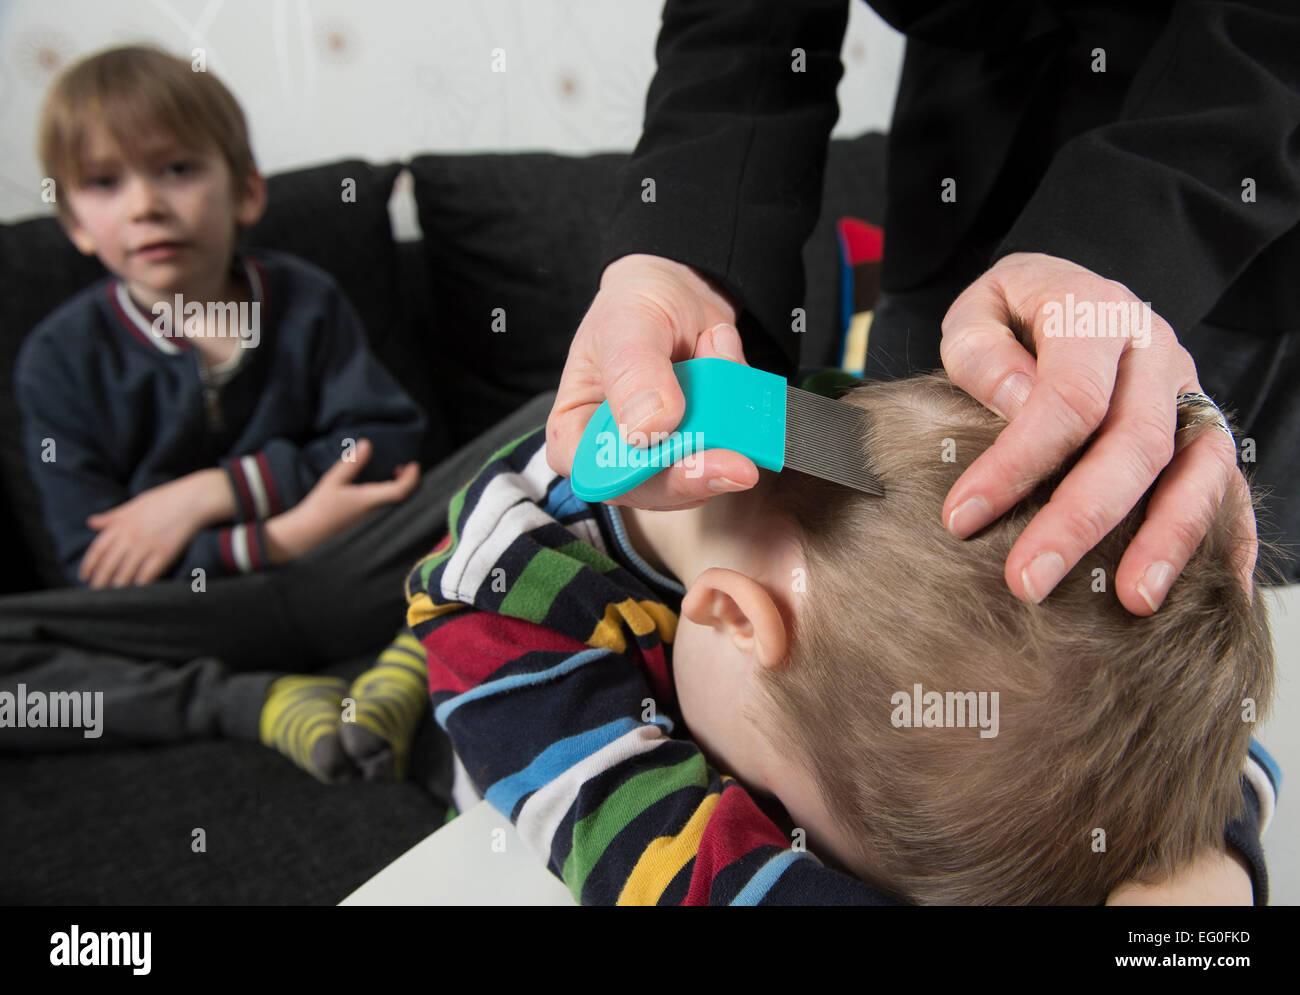 Madre controllo childs testa per i pidocchi con un pettine Foto Stock